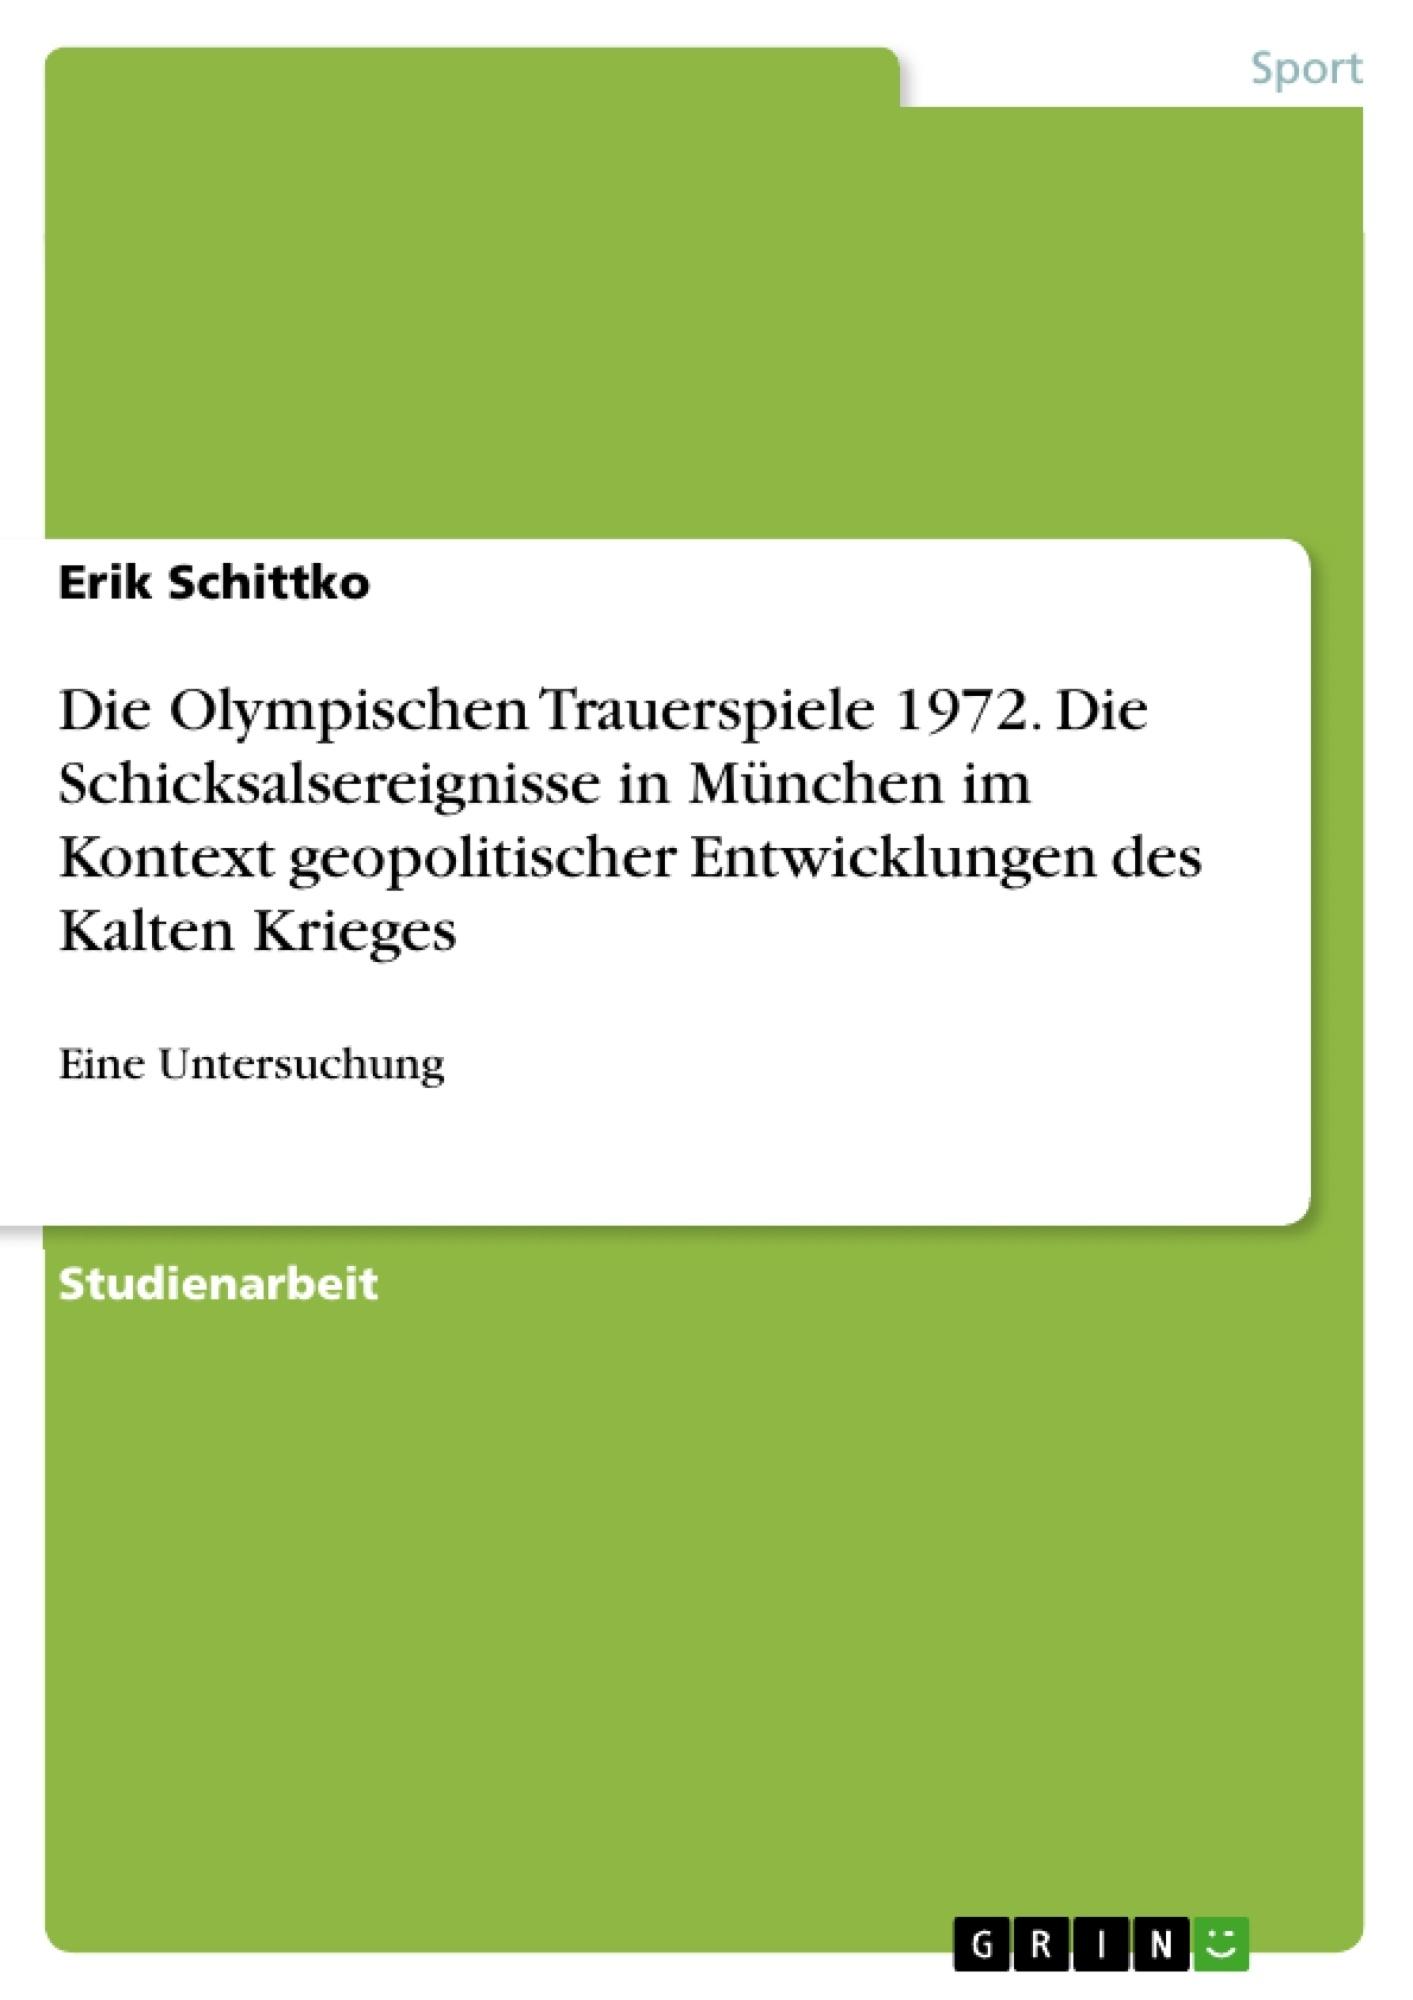 Titel: Die Olympischen Trauerspiele 1972.  Die Schicksalsereignisse in München im Kontext geopolitischer Entwicklungen des Kalten Krieges